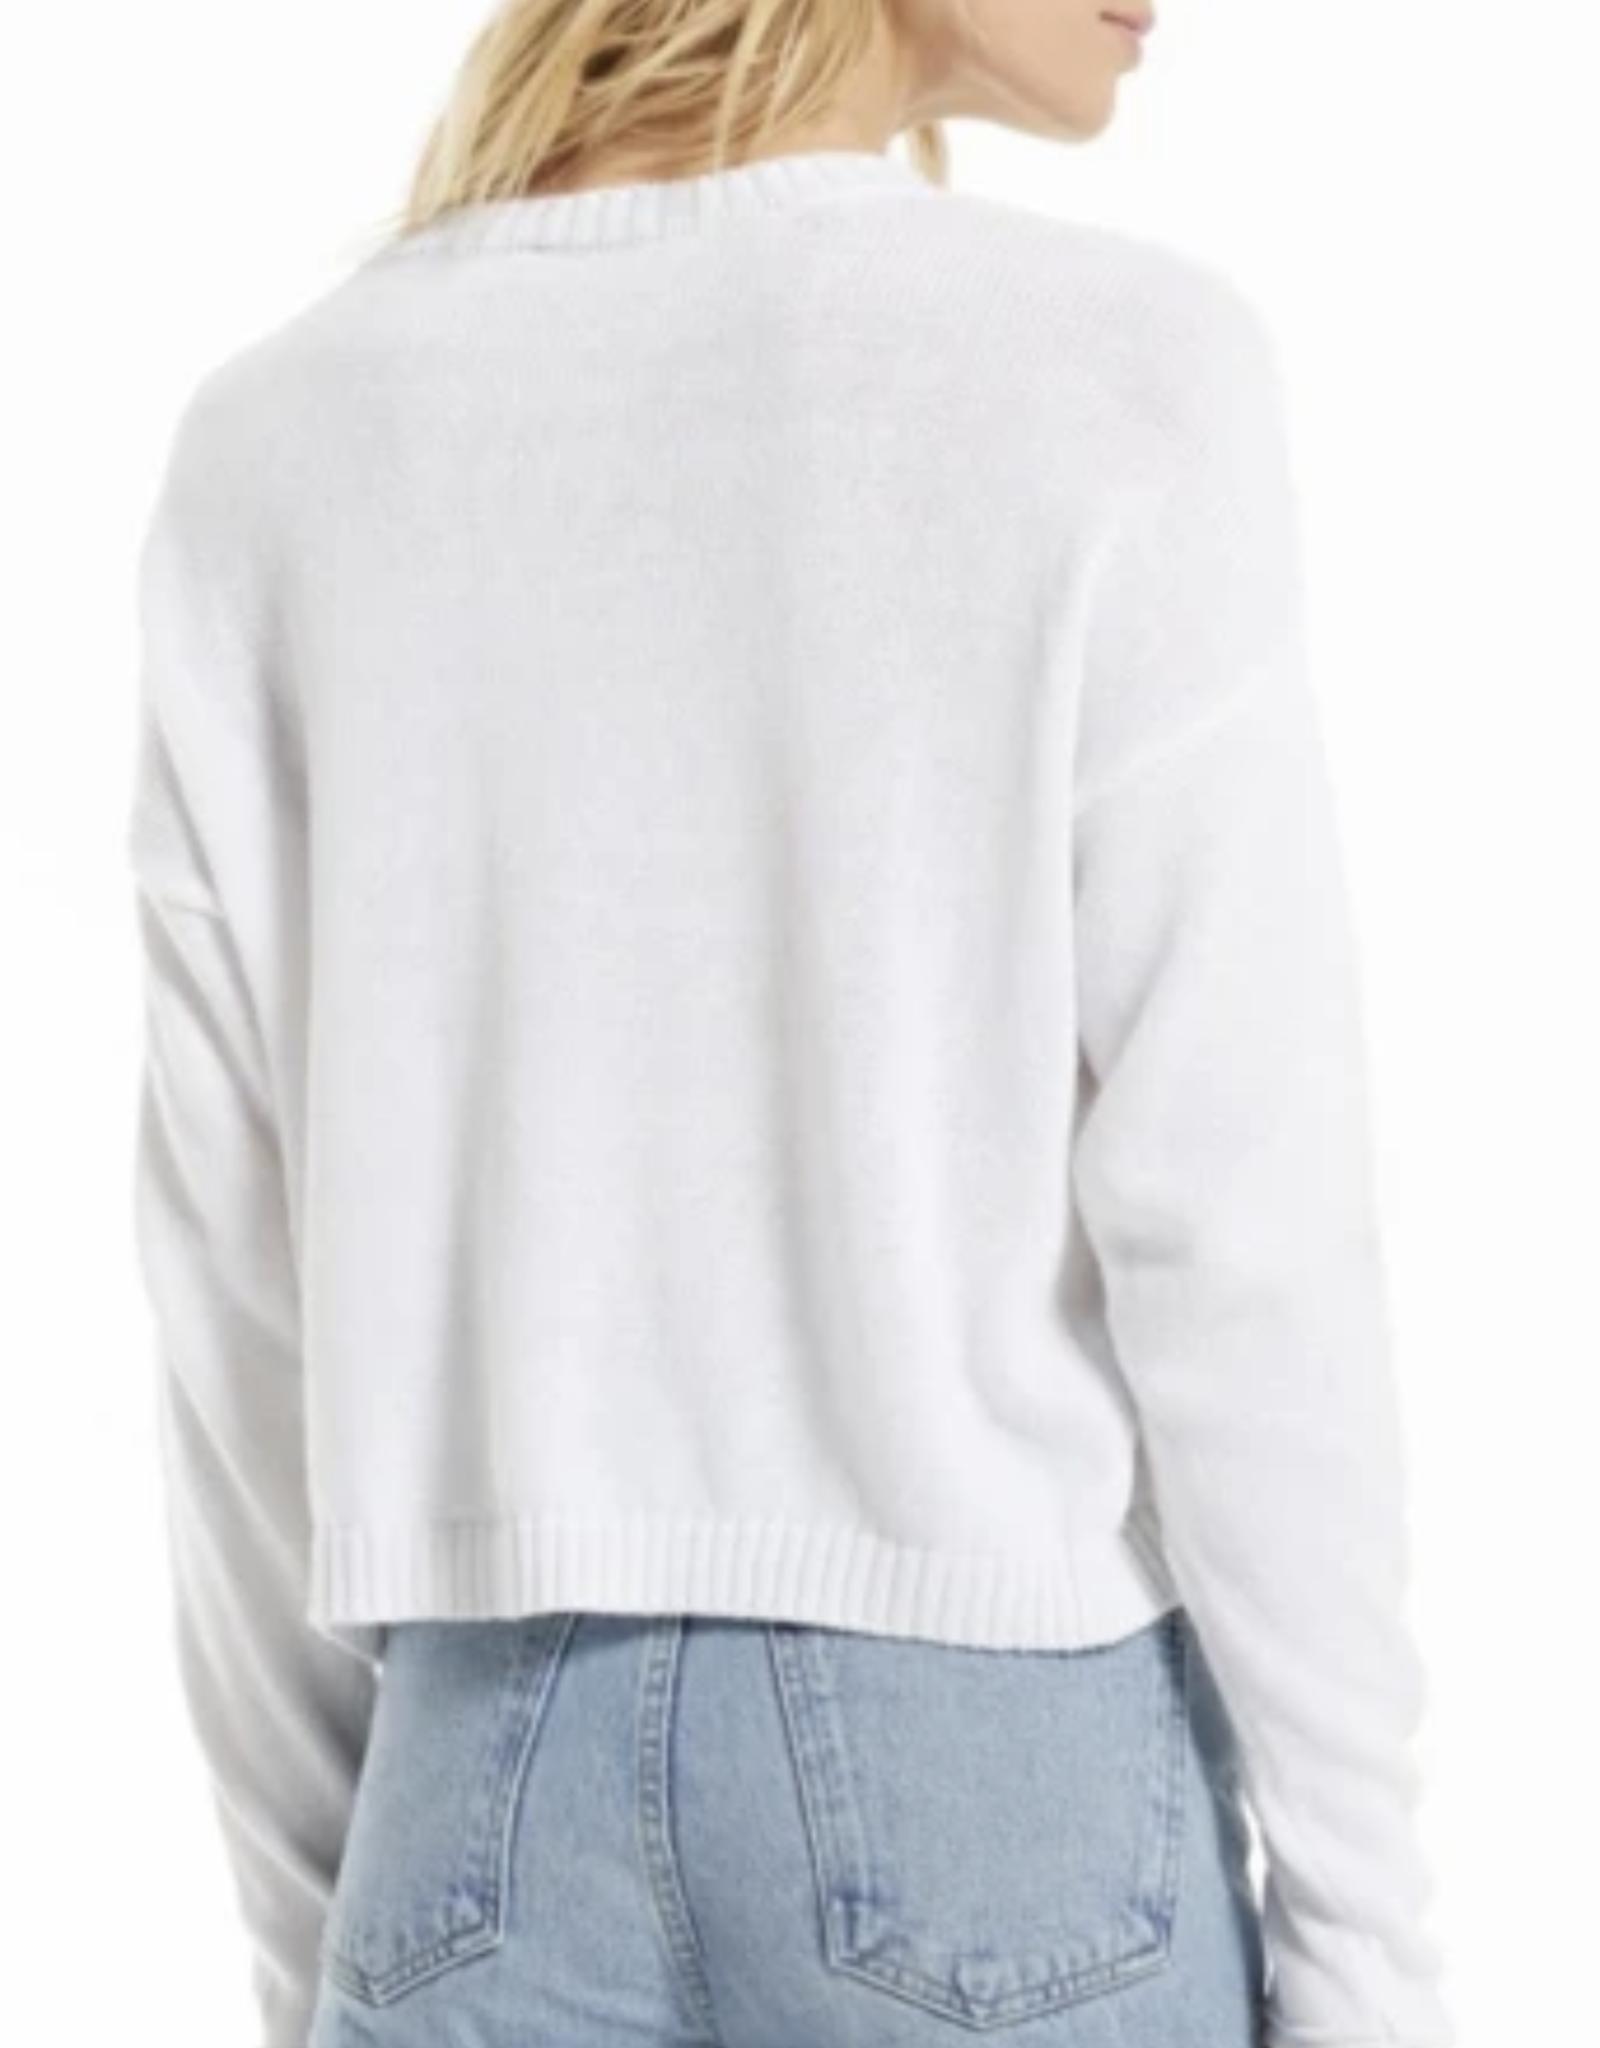 Z Supply Sienna Star Sweater